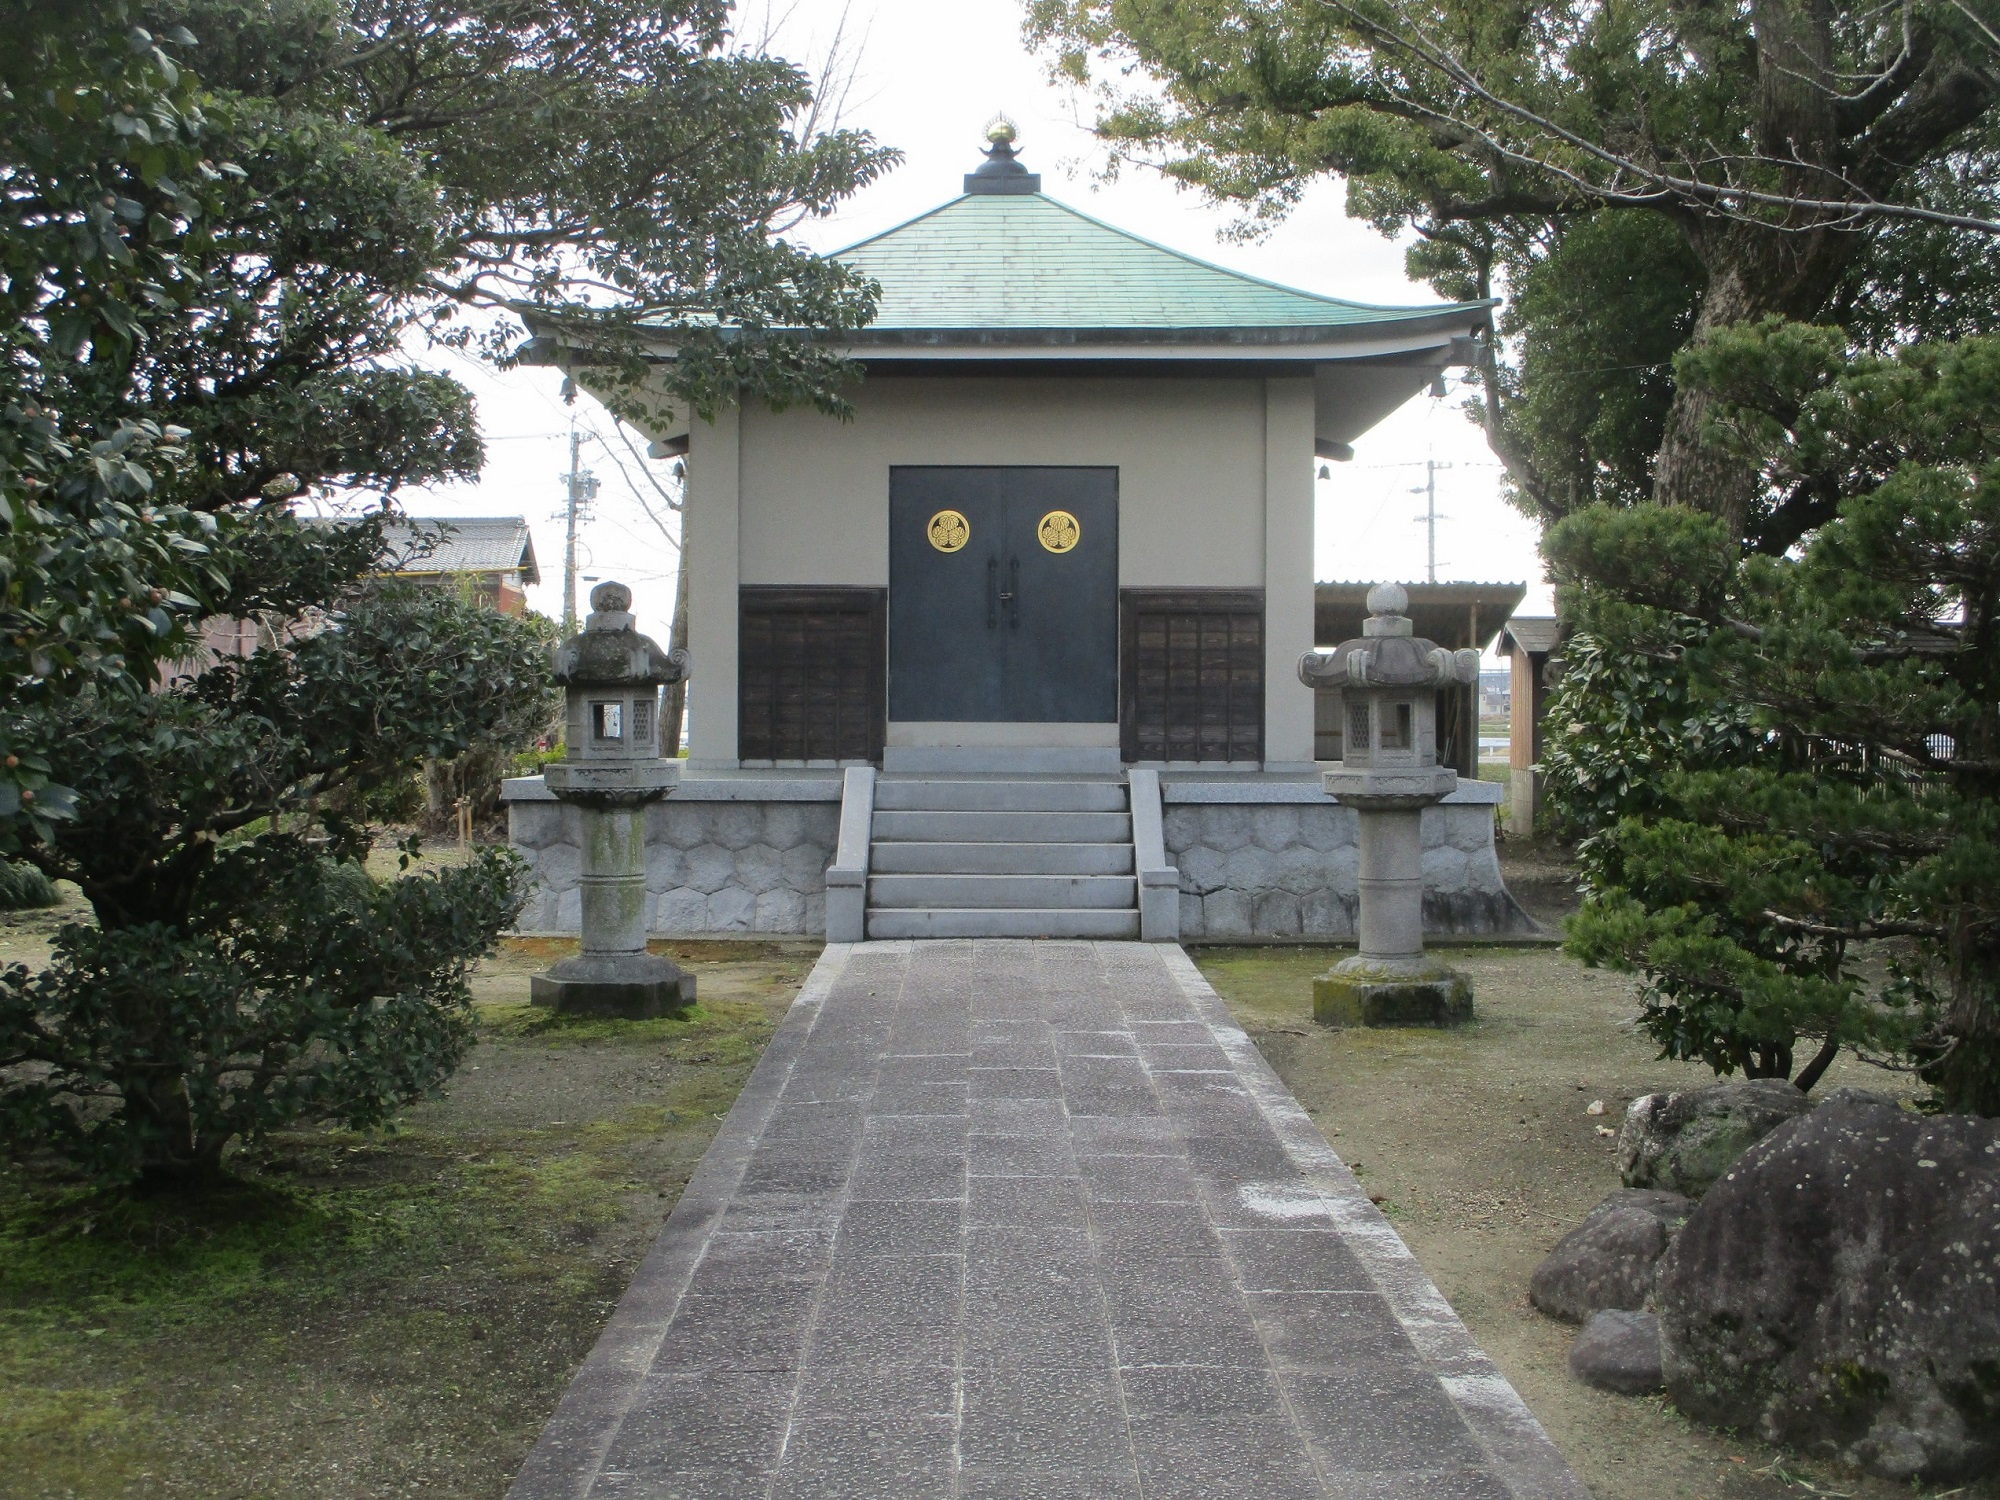 2020.2.26 (33) 浄妙寺 - くら 2000-1500